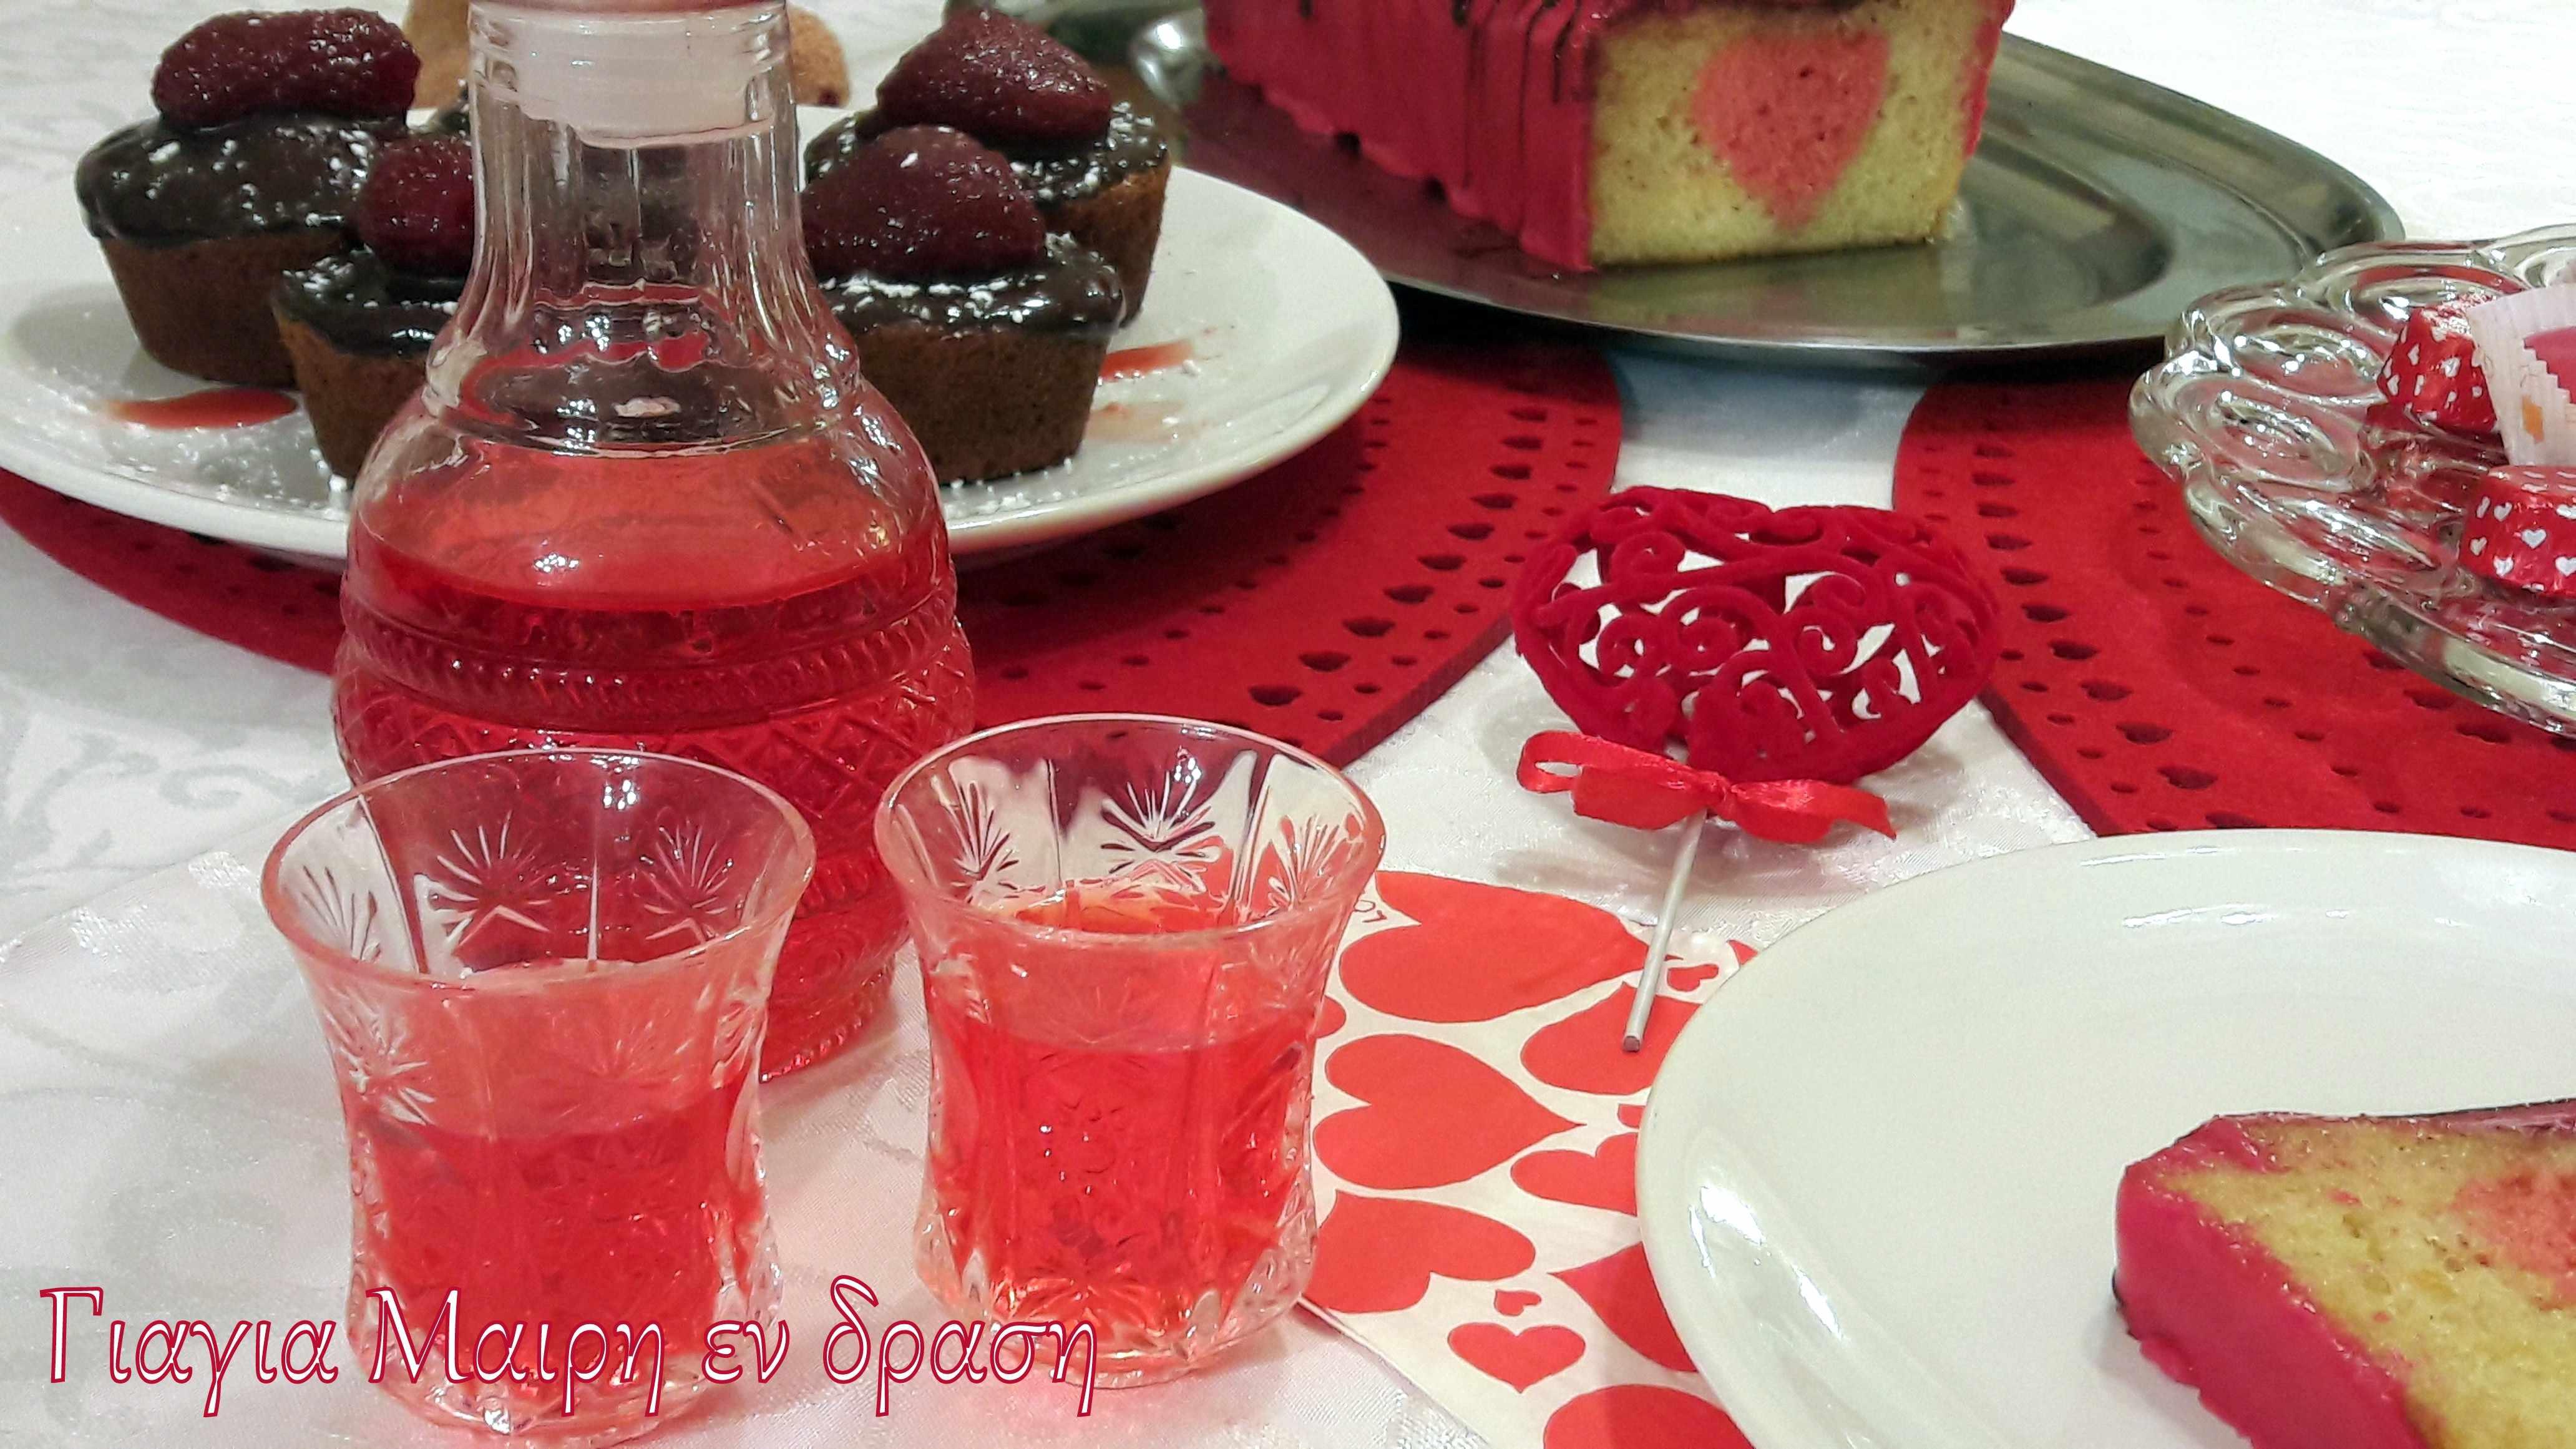 14 Φλεβάρη ημέρα γιορτής για τους ερωτευμένους